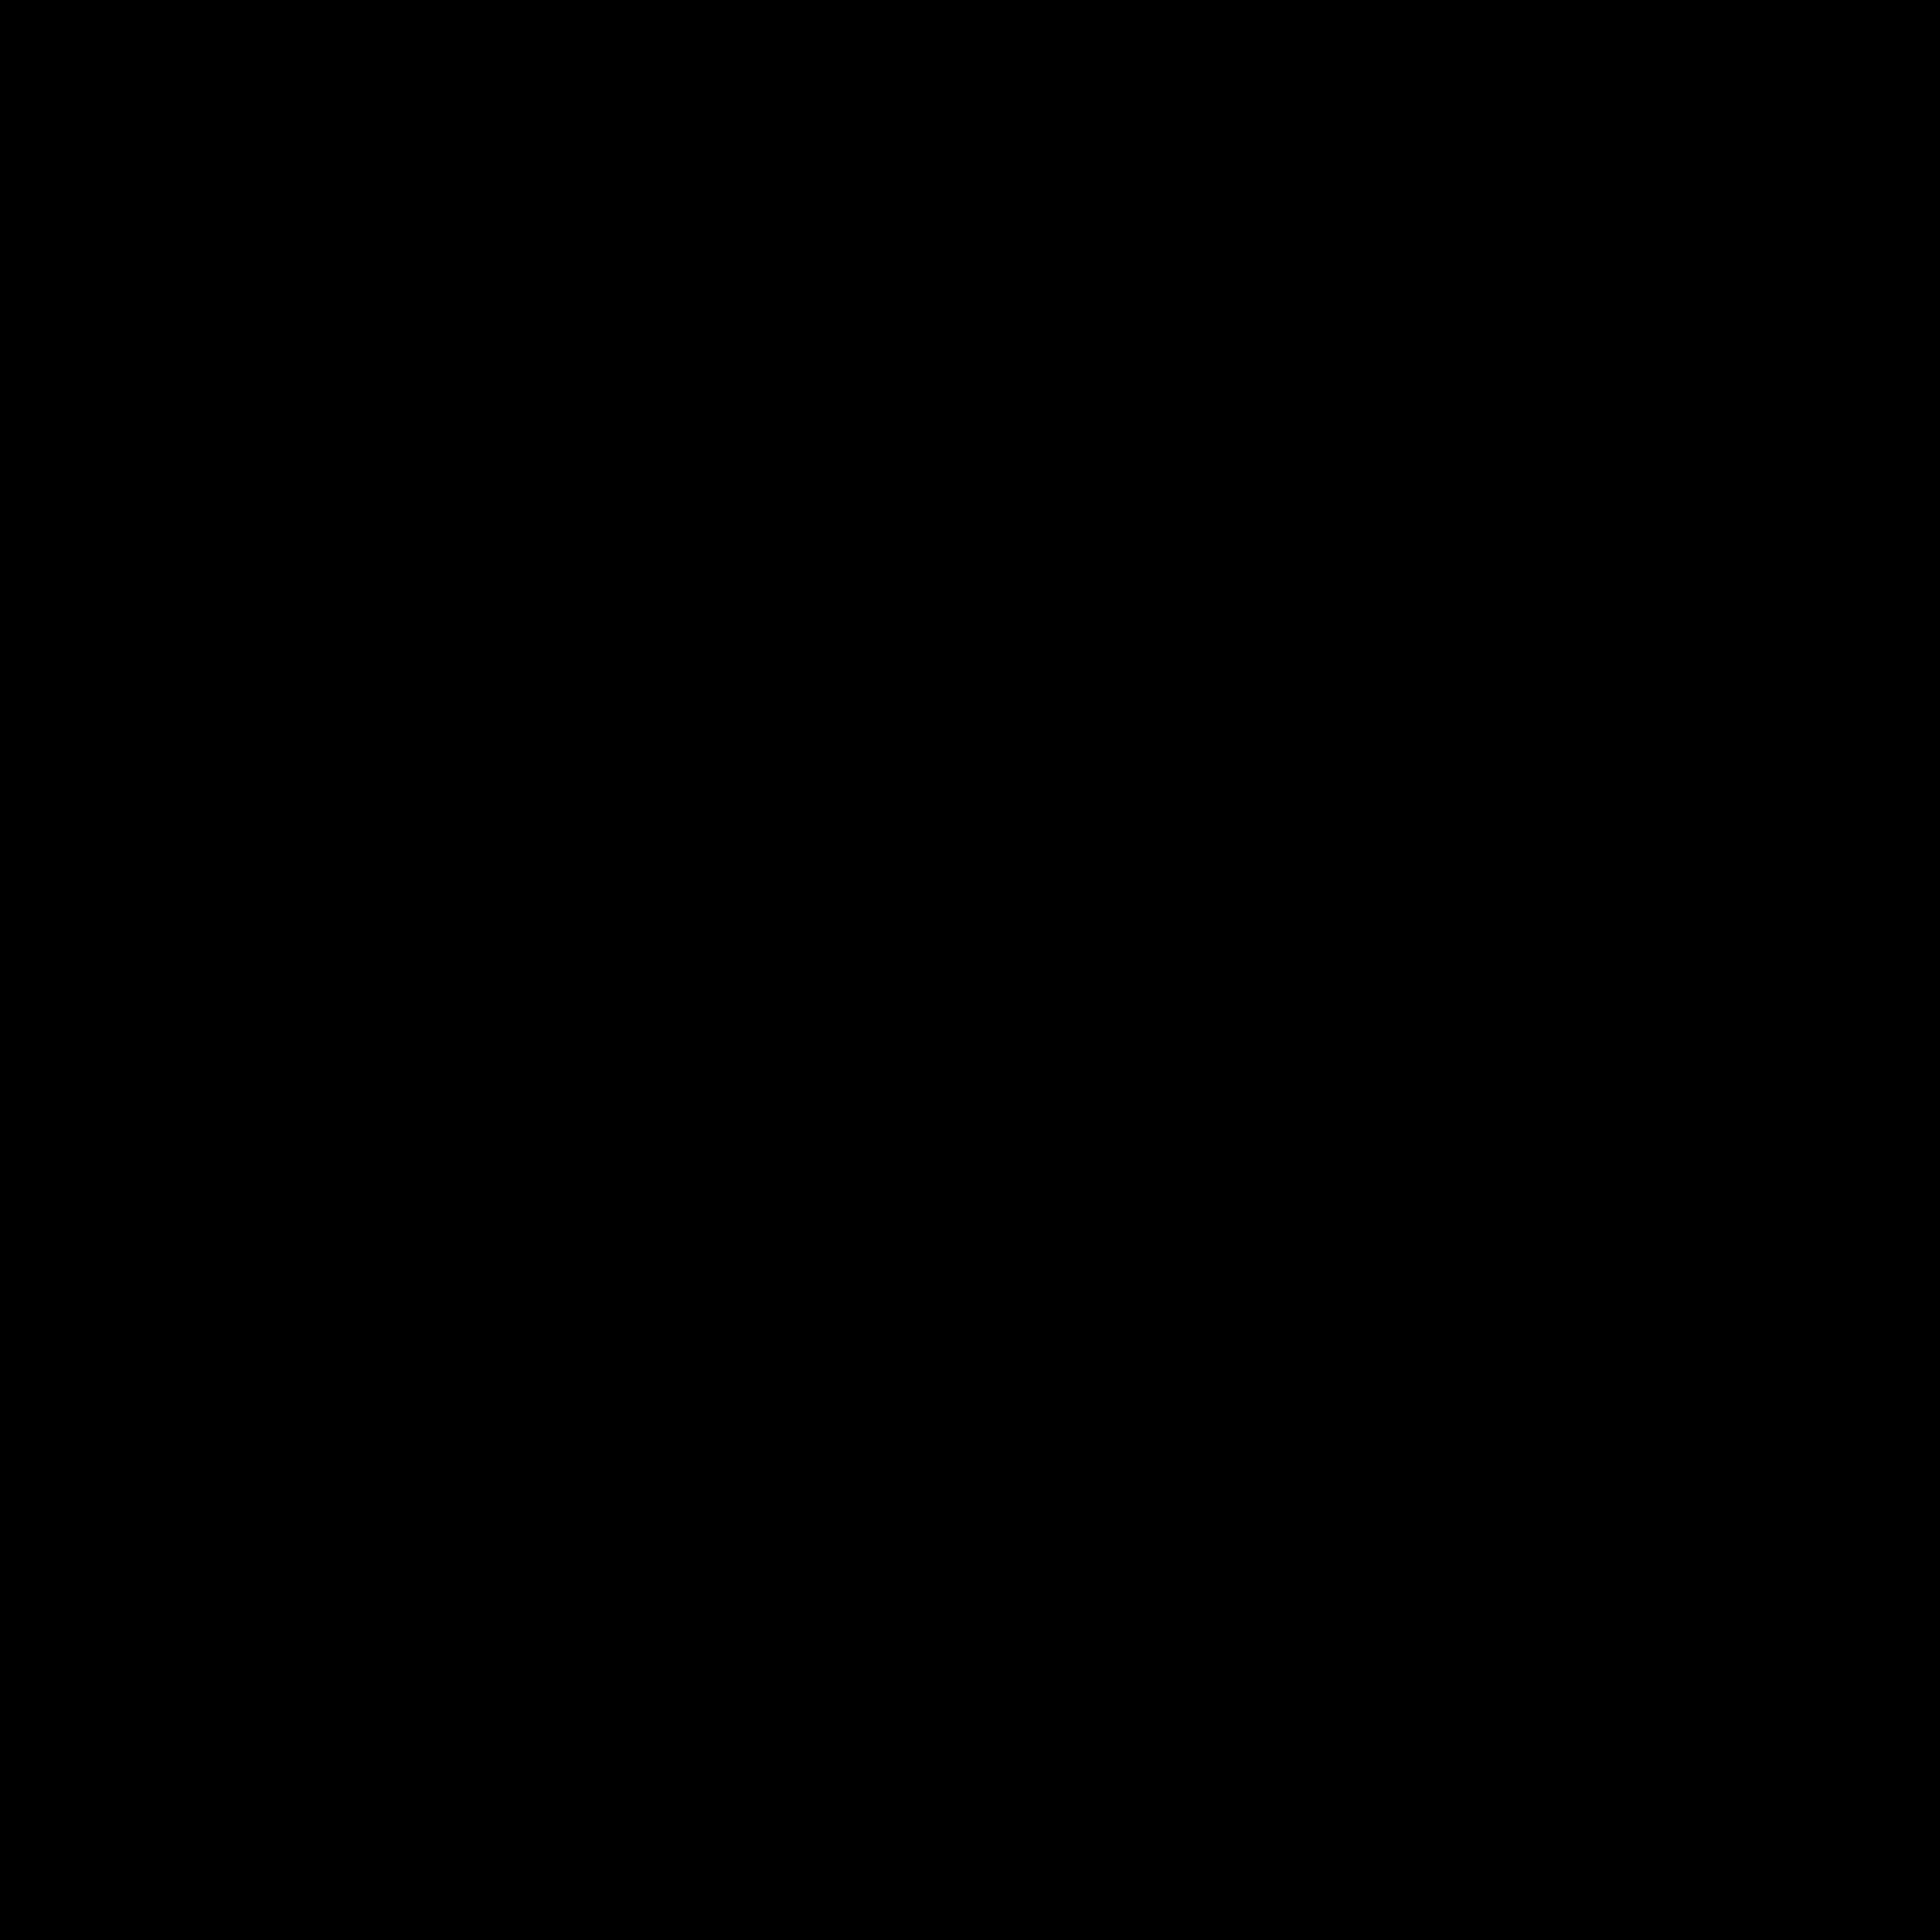 Garnier Logo PNG Transparent & SVG Vector.